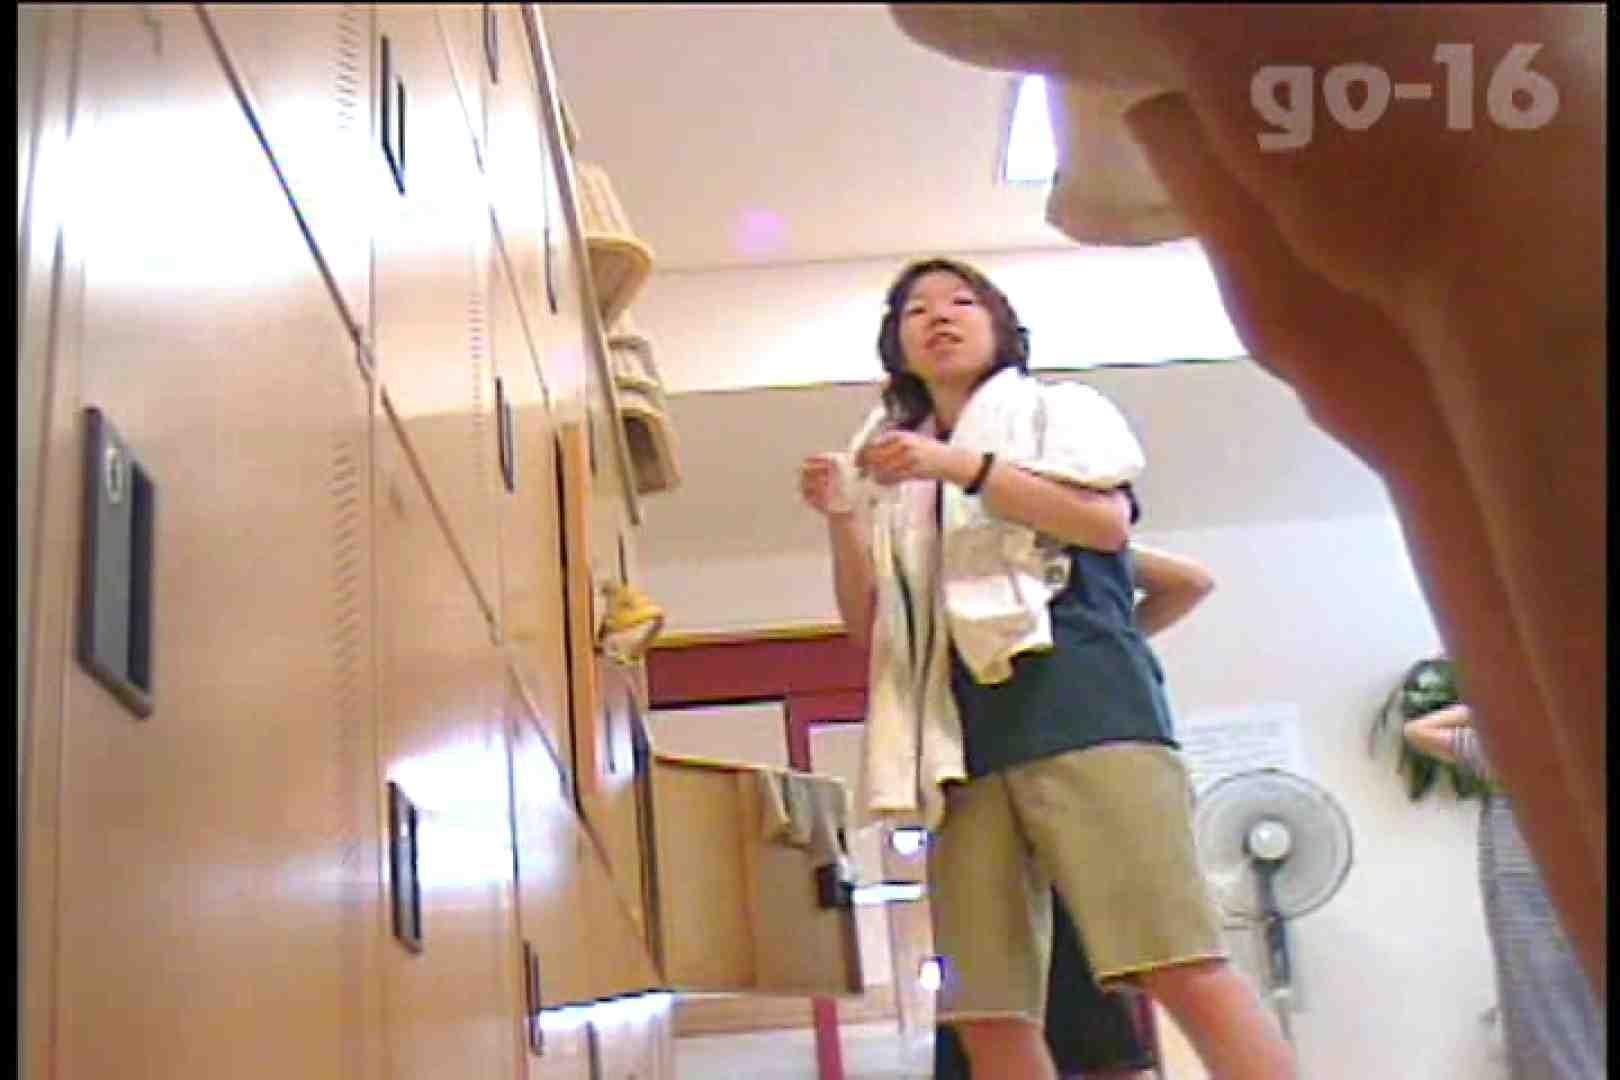 電波カメラ設置浴場からの防HAN映像 Vol.16 盗撮  77pic 60